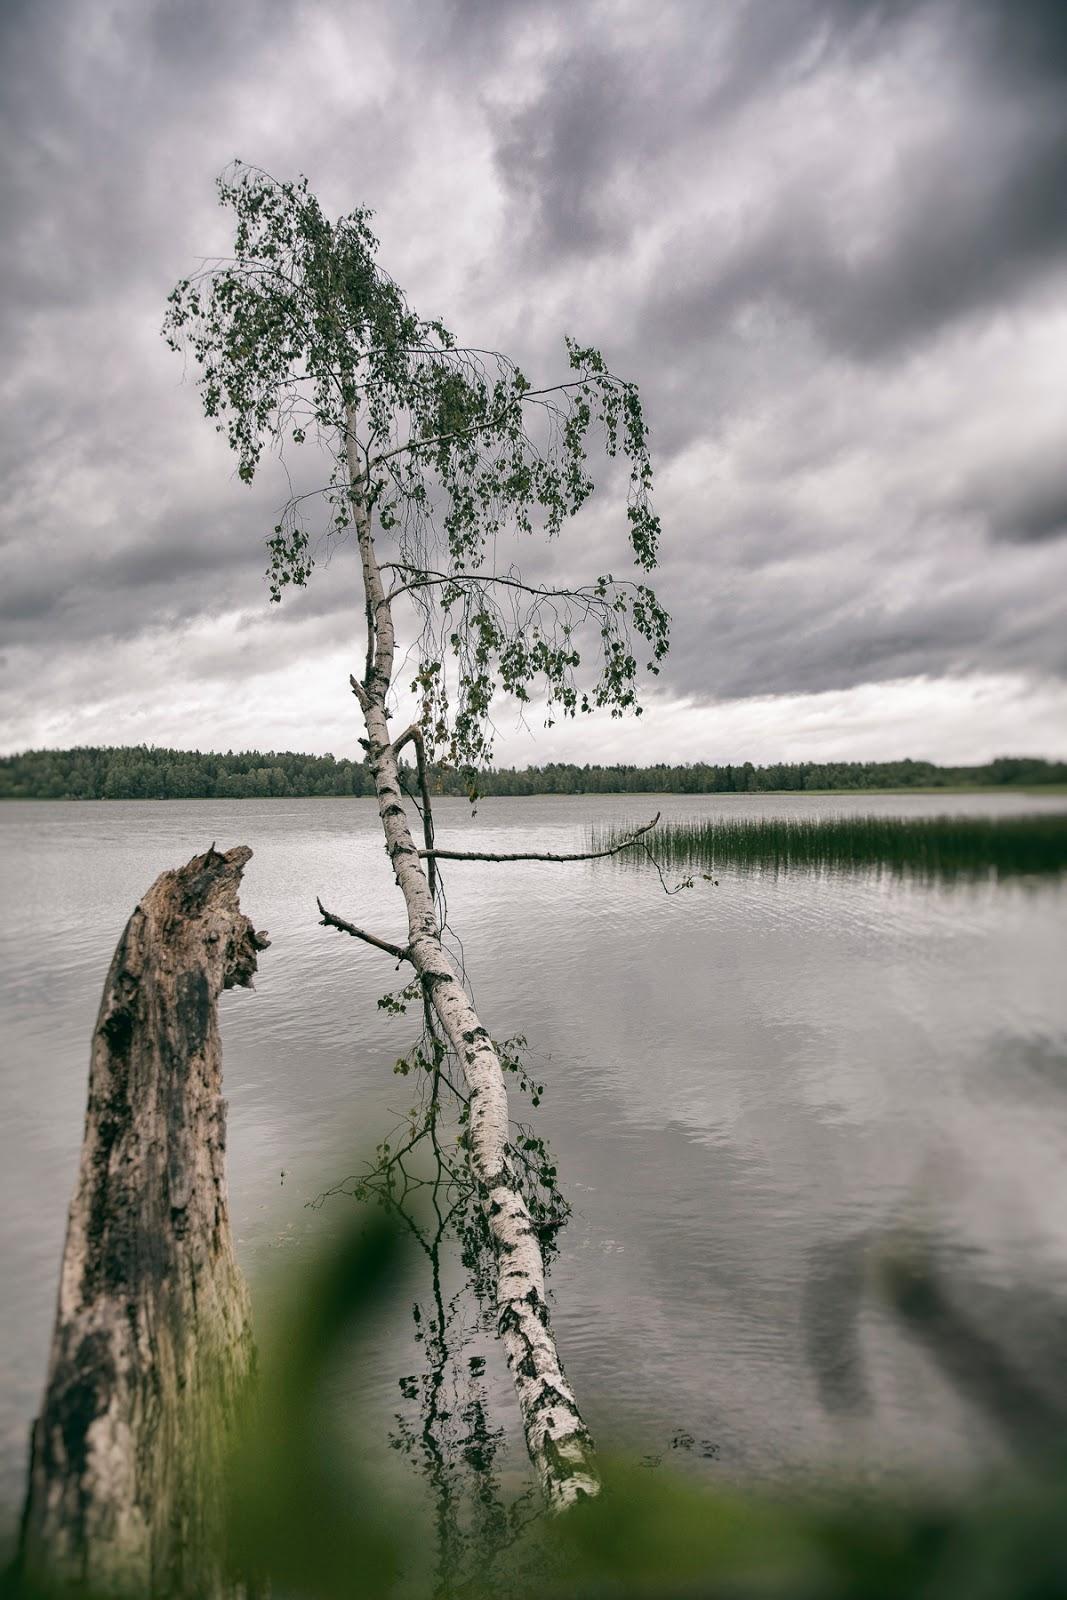 Juhannus, Visualaddict, valokuvaaja, Frida Steiner, Espoo, Oittaa, koivu, ranta, beach, tree, midsummer